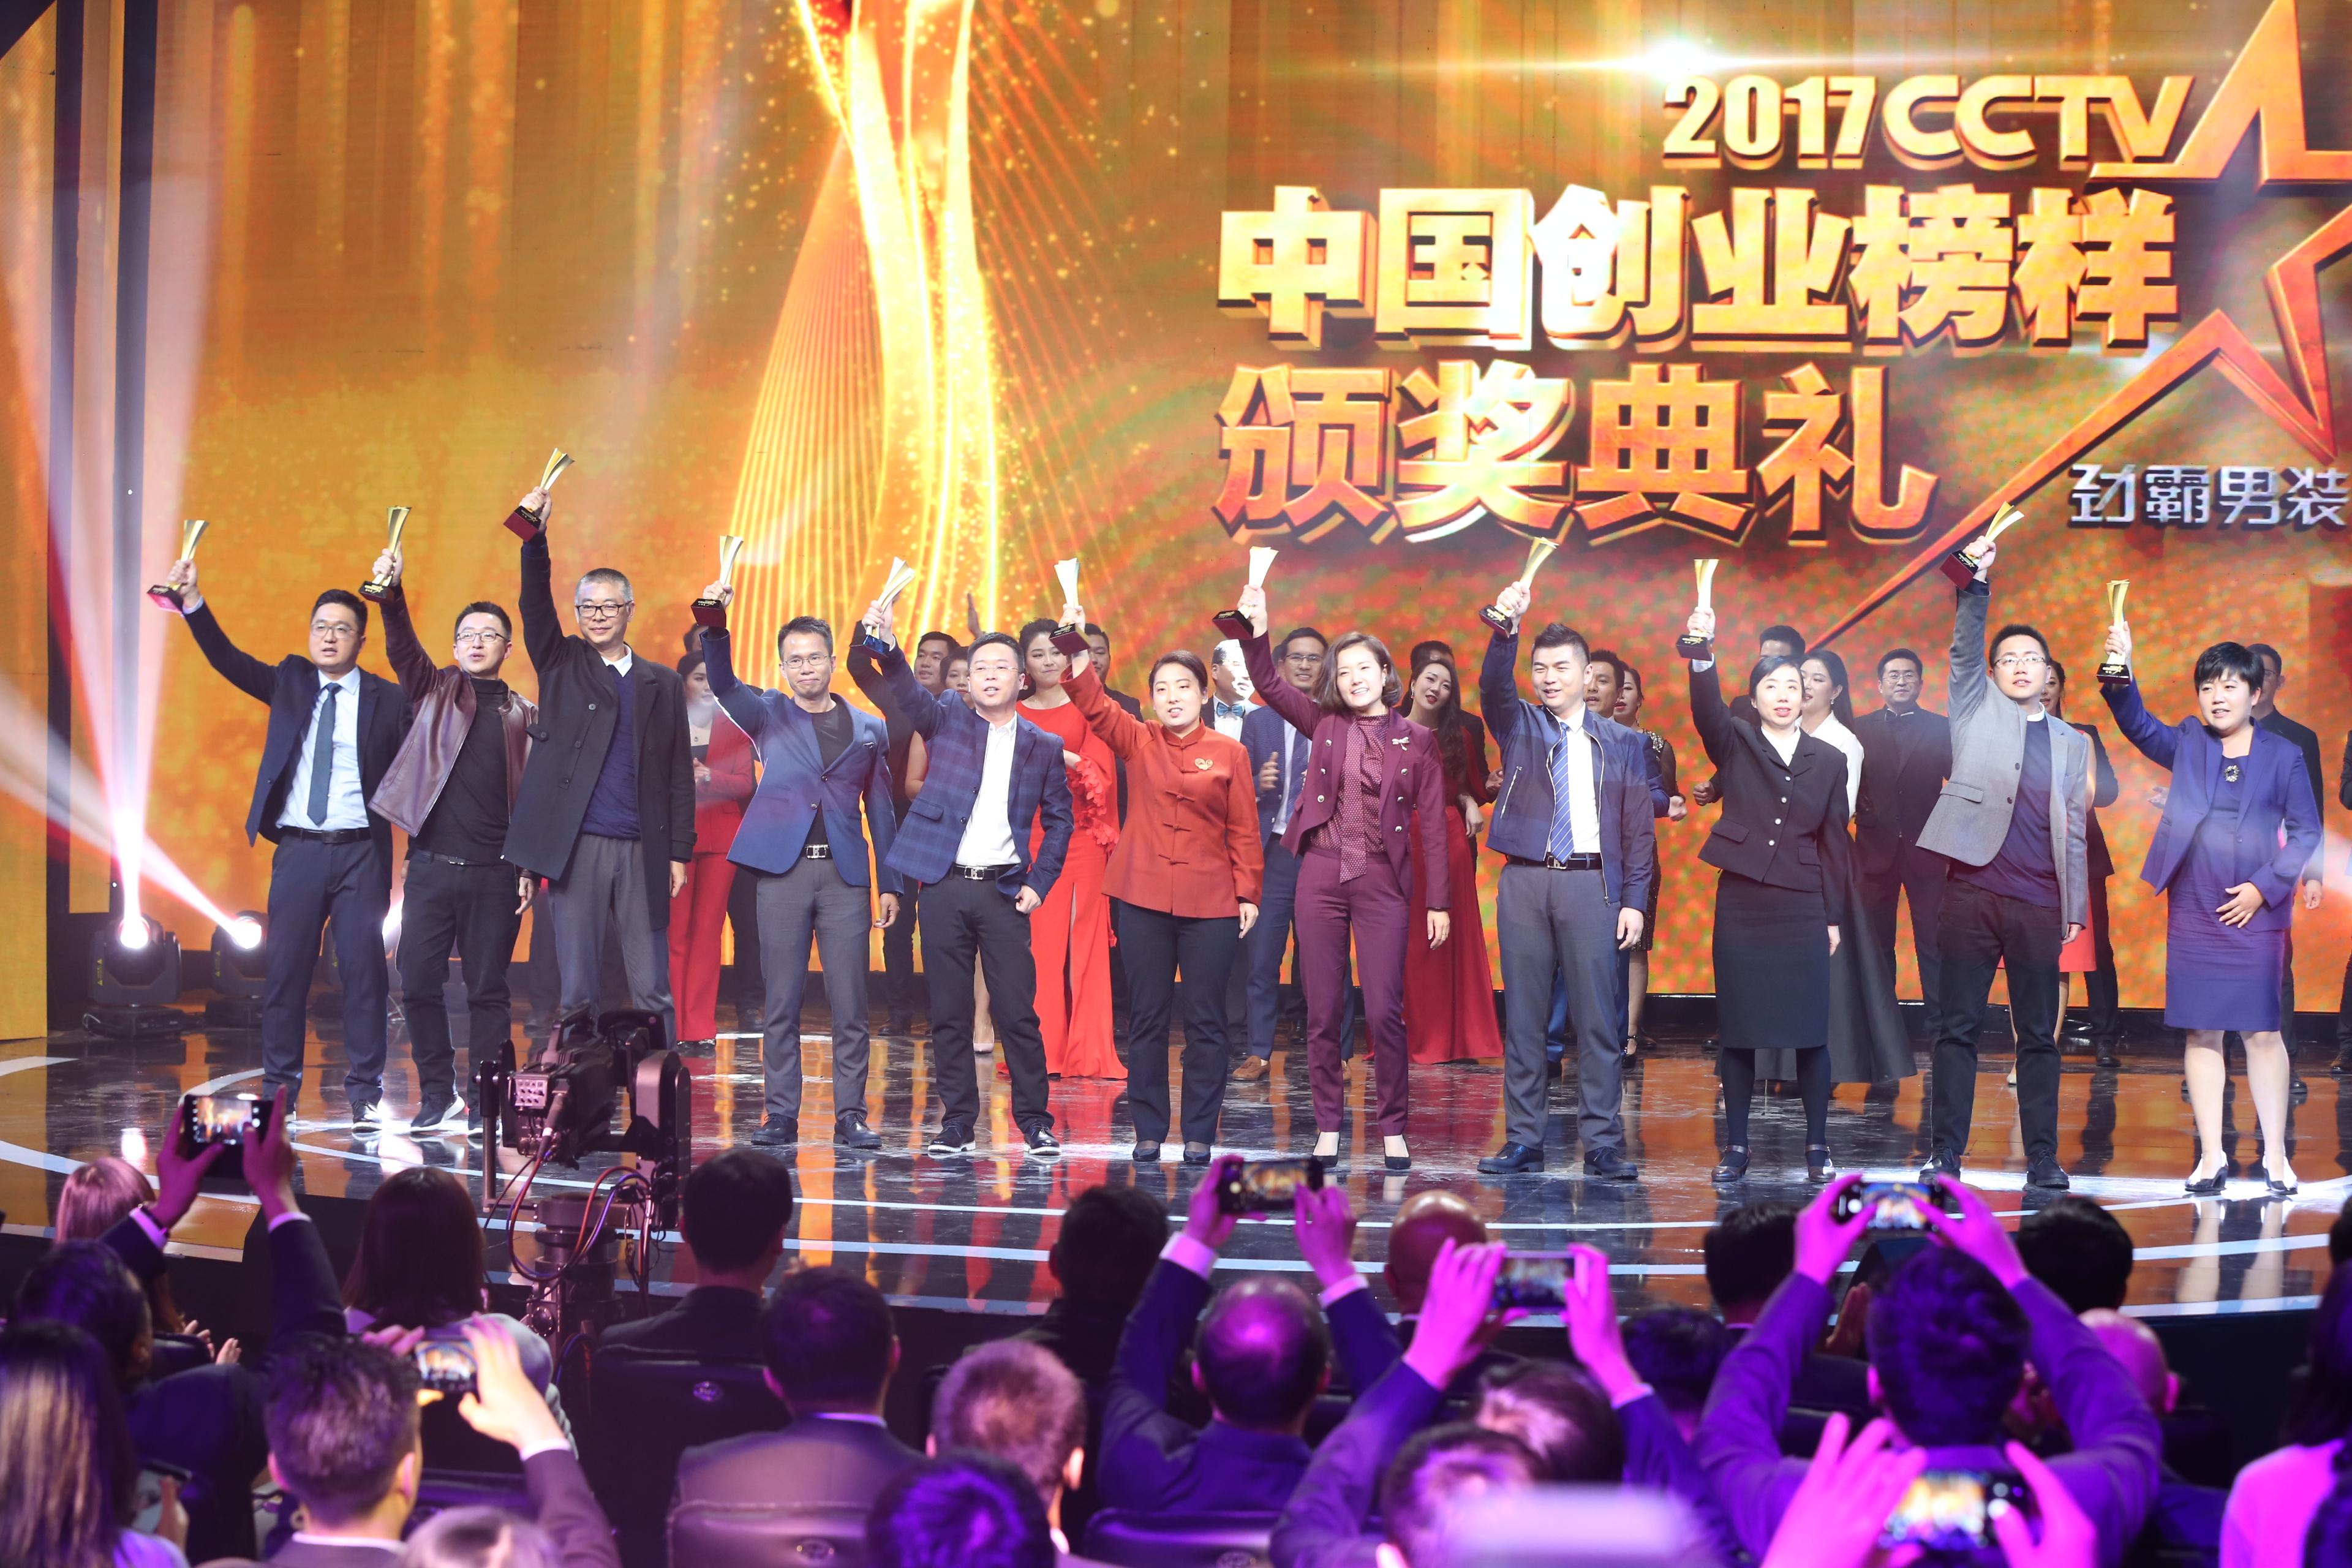 创业成就梦想 榜样引领未来:2017CCTV中国创业榜样即将揭晓